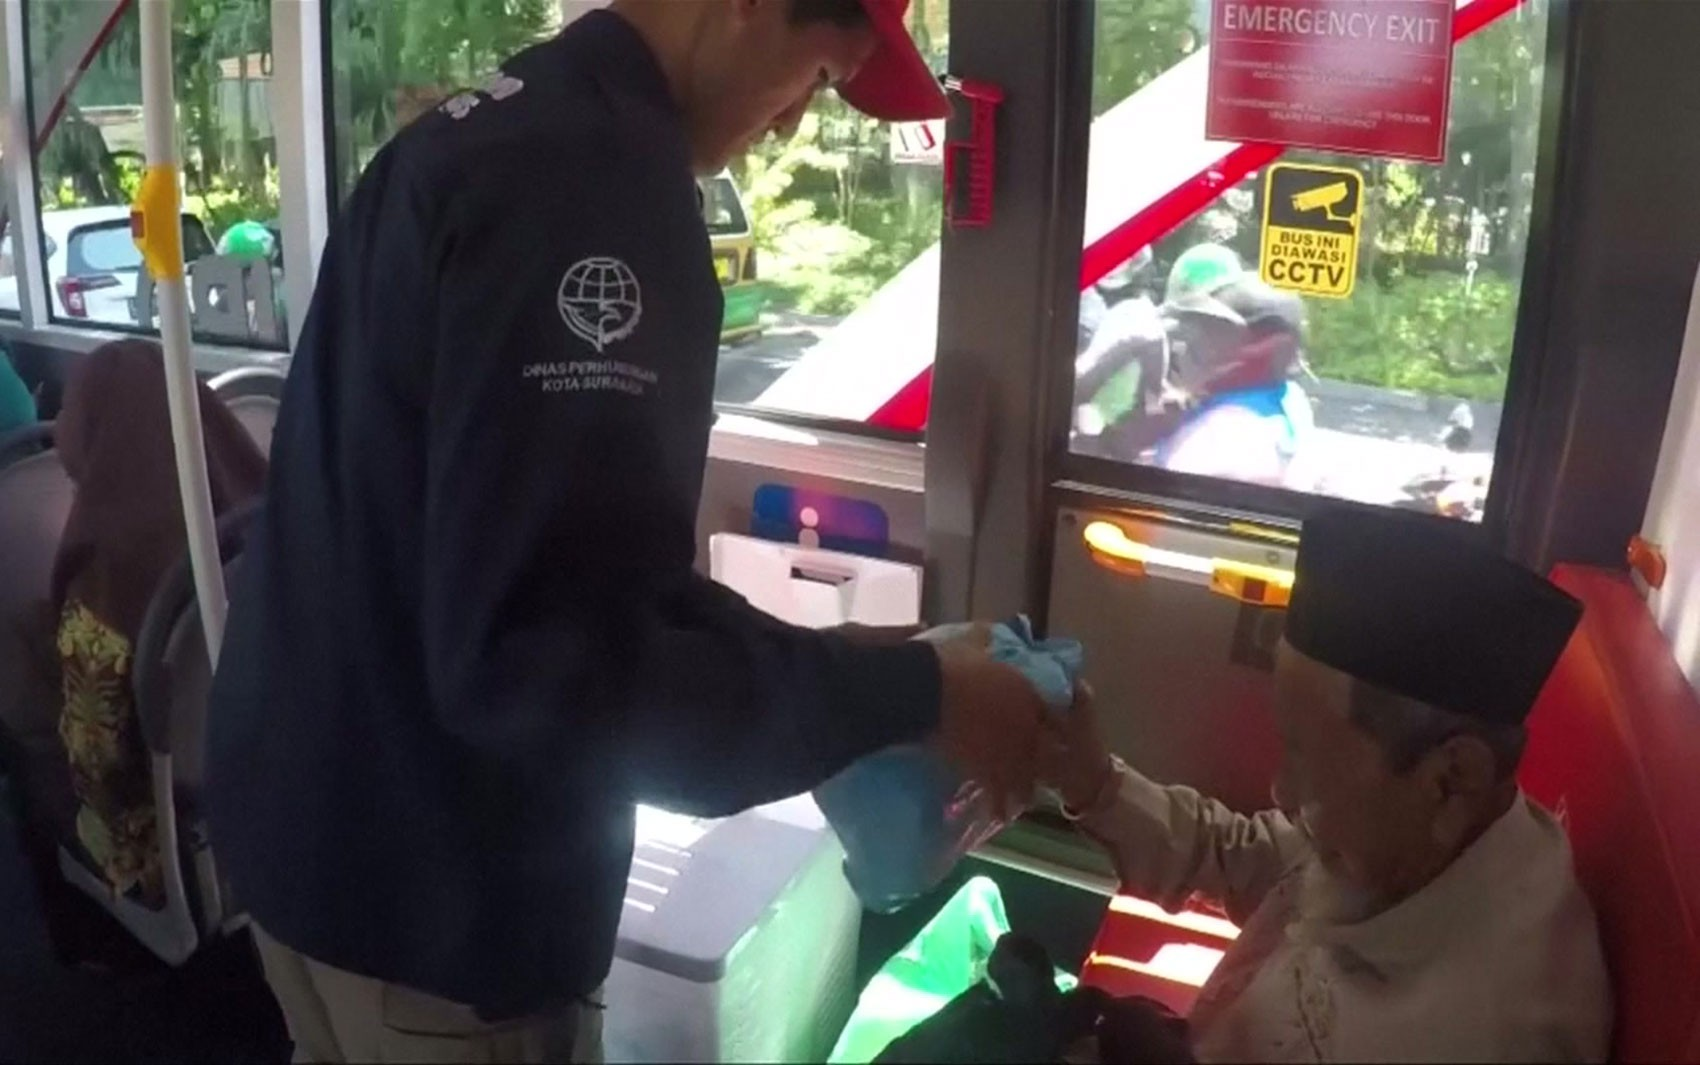 A cidade onde passageiros trocam lixo plástico pela passagem de ônibus